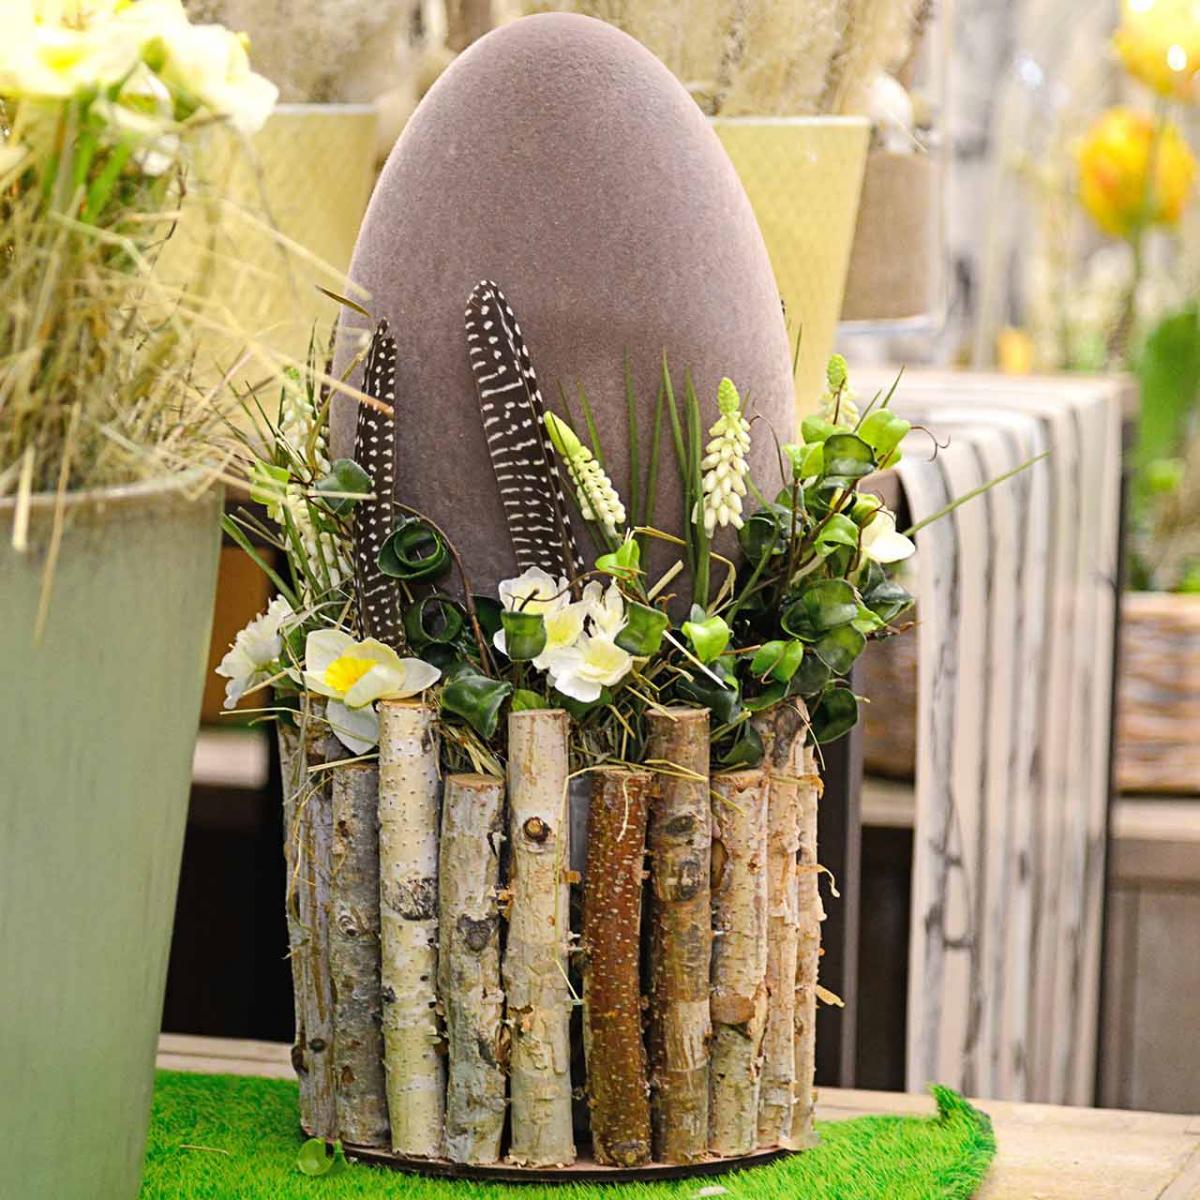 Jajko Wielkanocne Flokowane H25cm Kolorowe Jajka Dekoracja Wielkanocna